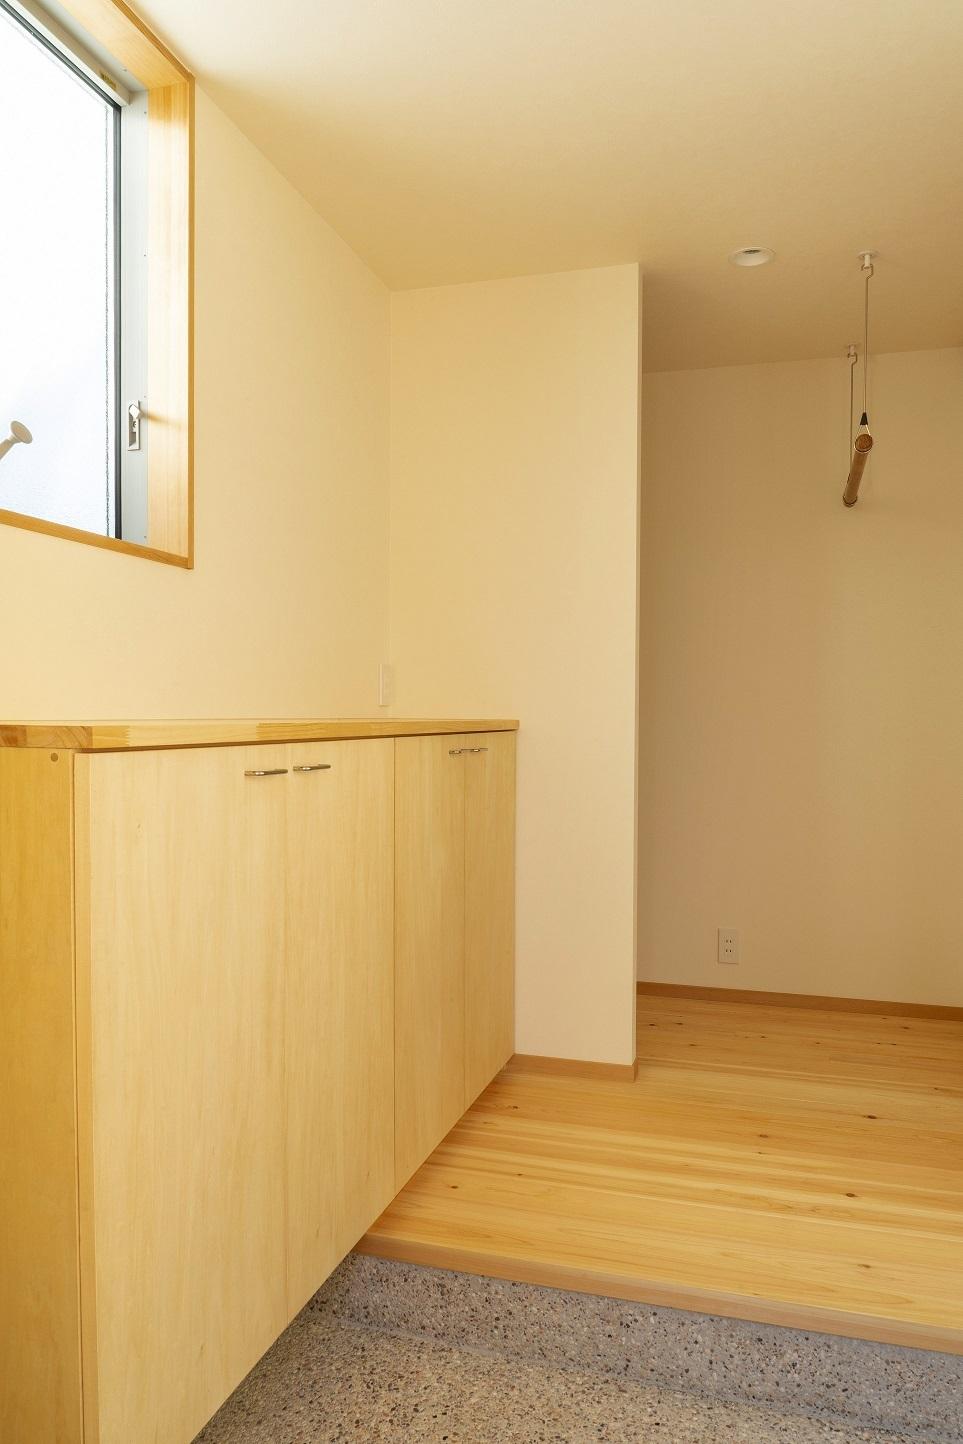 ハナミズキの家 ーHanamizuki Houseー_c0331470_20265832.jpg